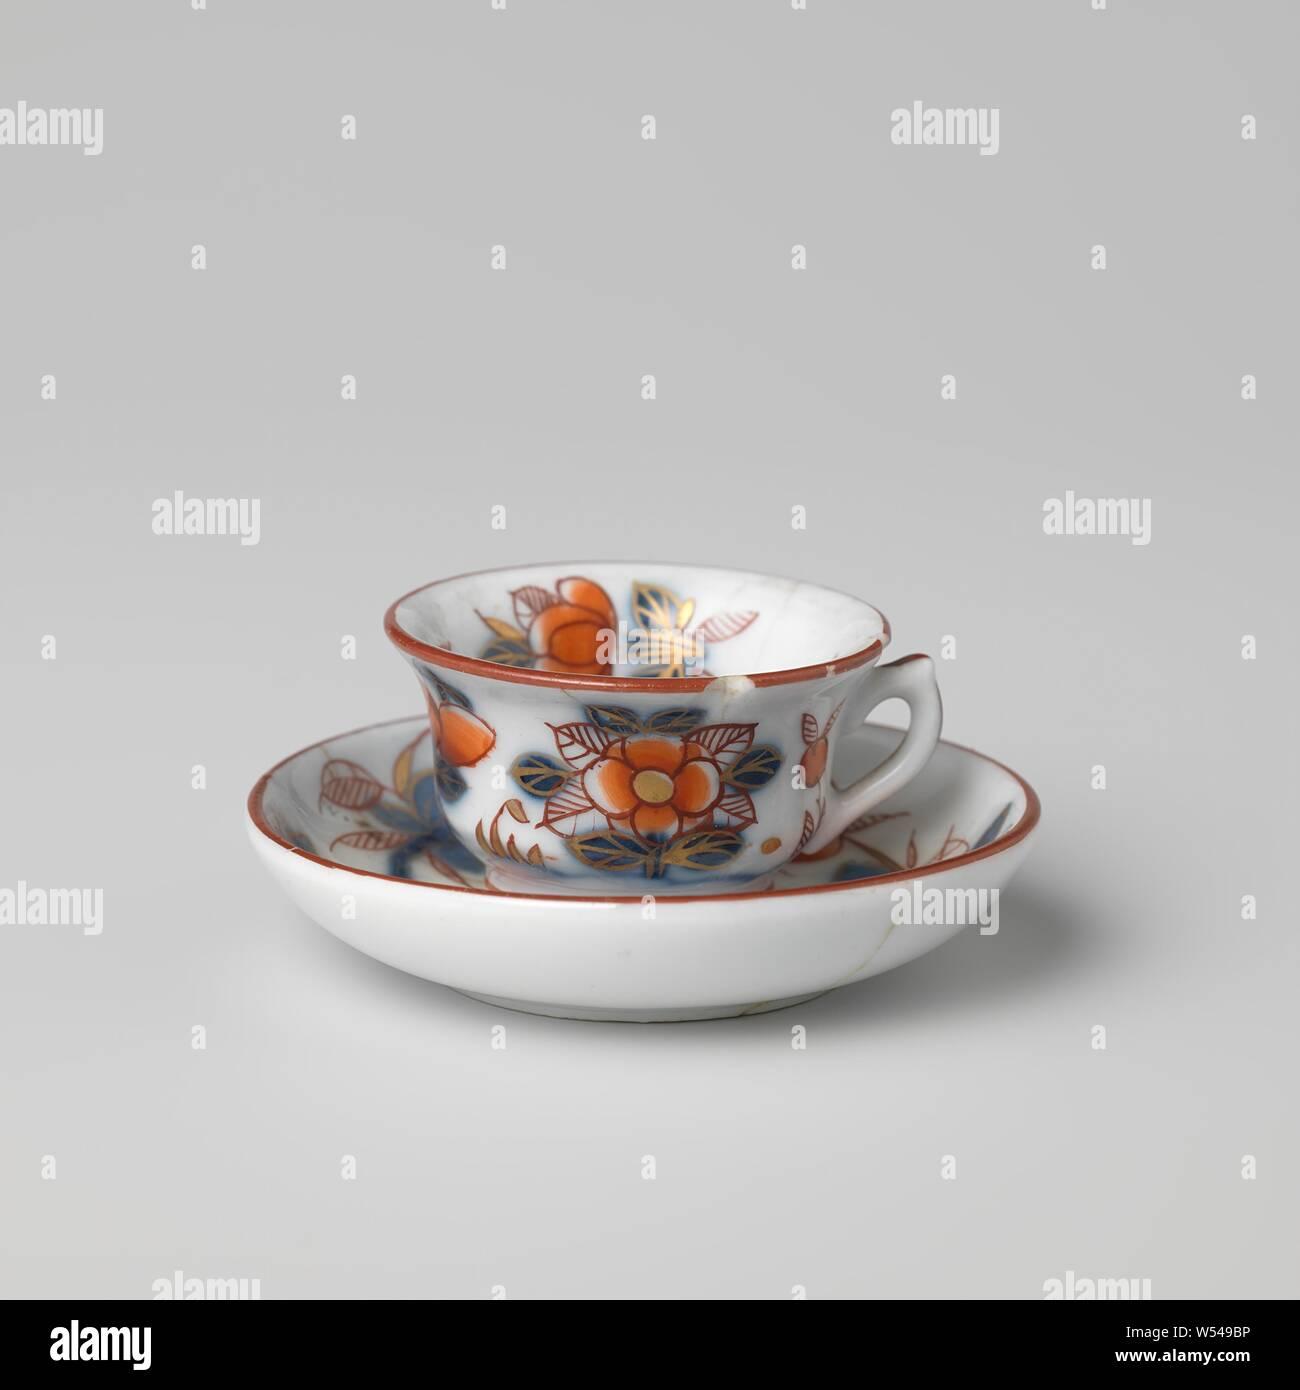 Stella da tavola LOTOS fioritura 6 x TAZZA CON MANICO BIANCO tazza da caffè tazza manico NUOVO